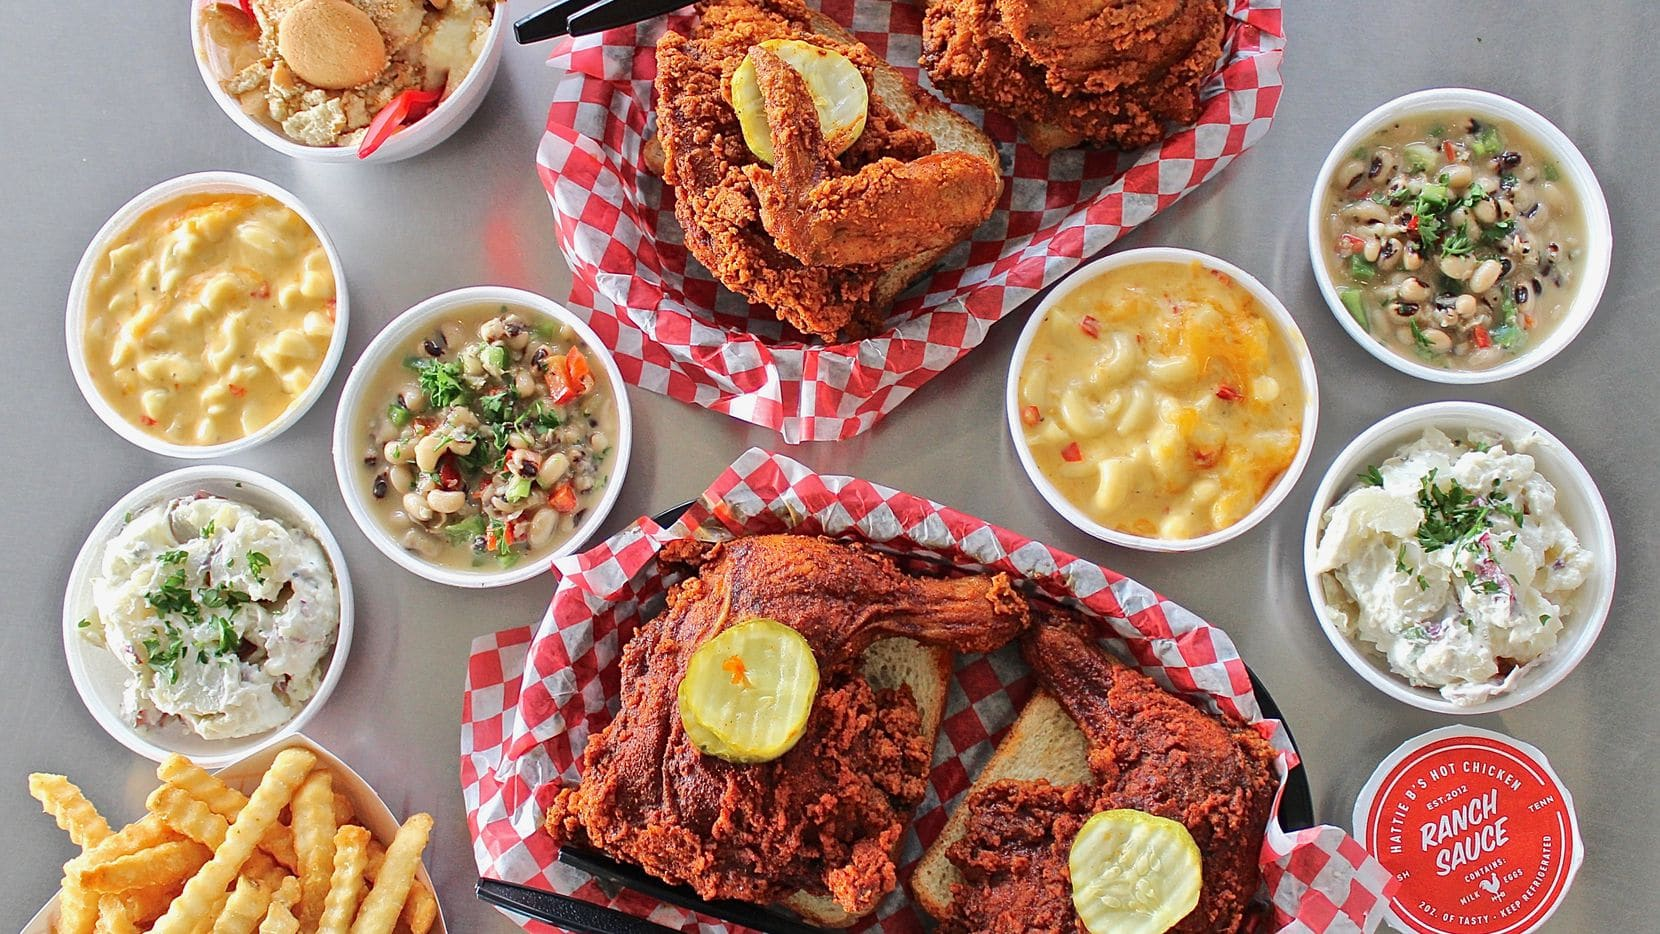 Hattie B's Spicy Chicken in Nashville, TN